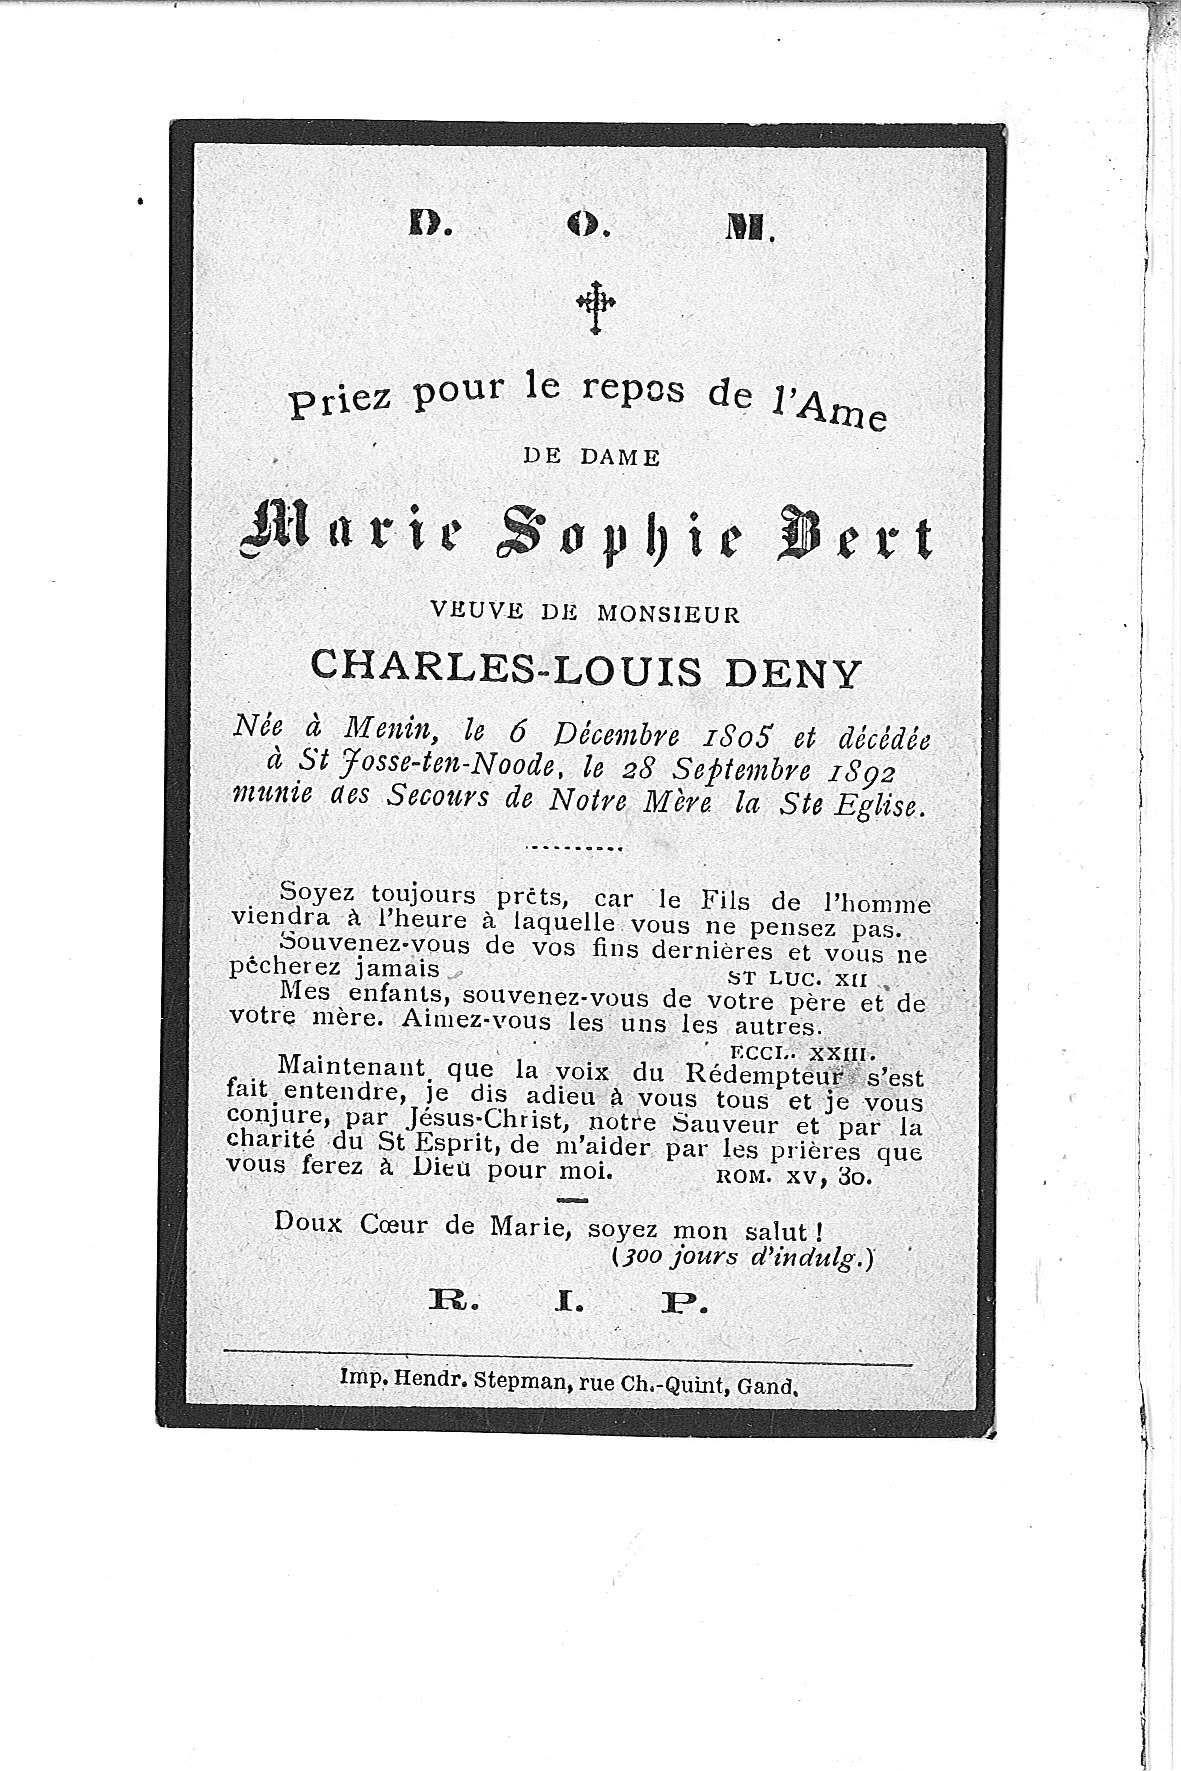 Marie-Sophie(1892)20110131111640_00012.jpg